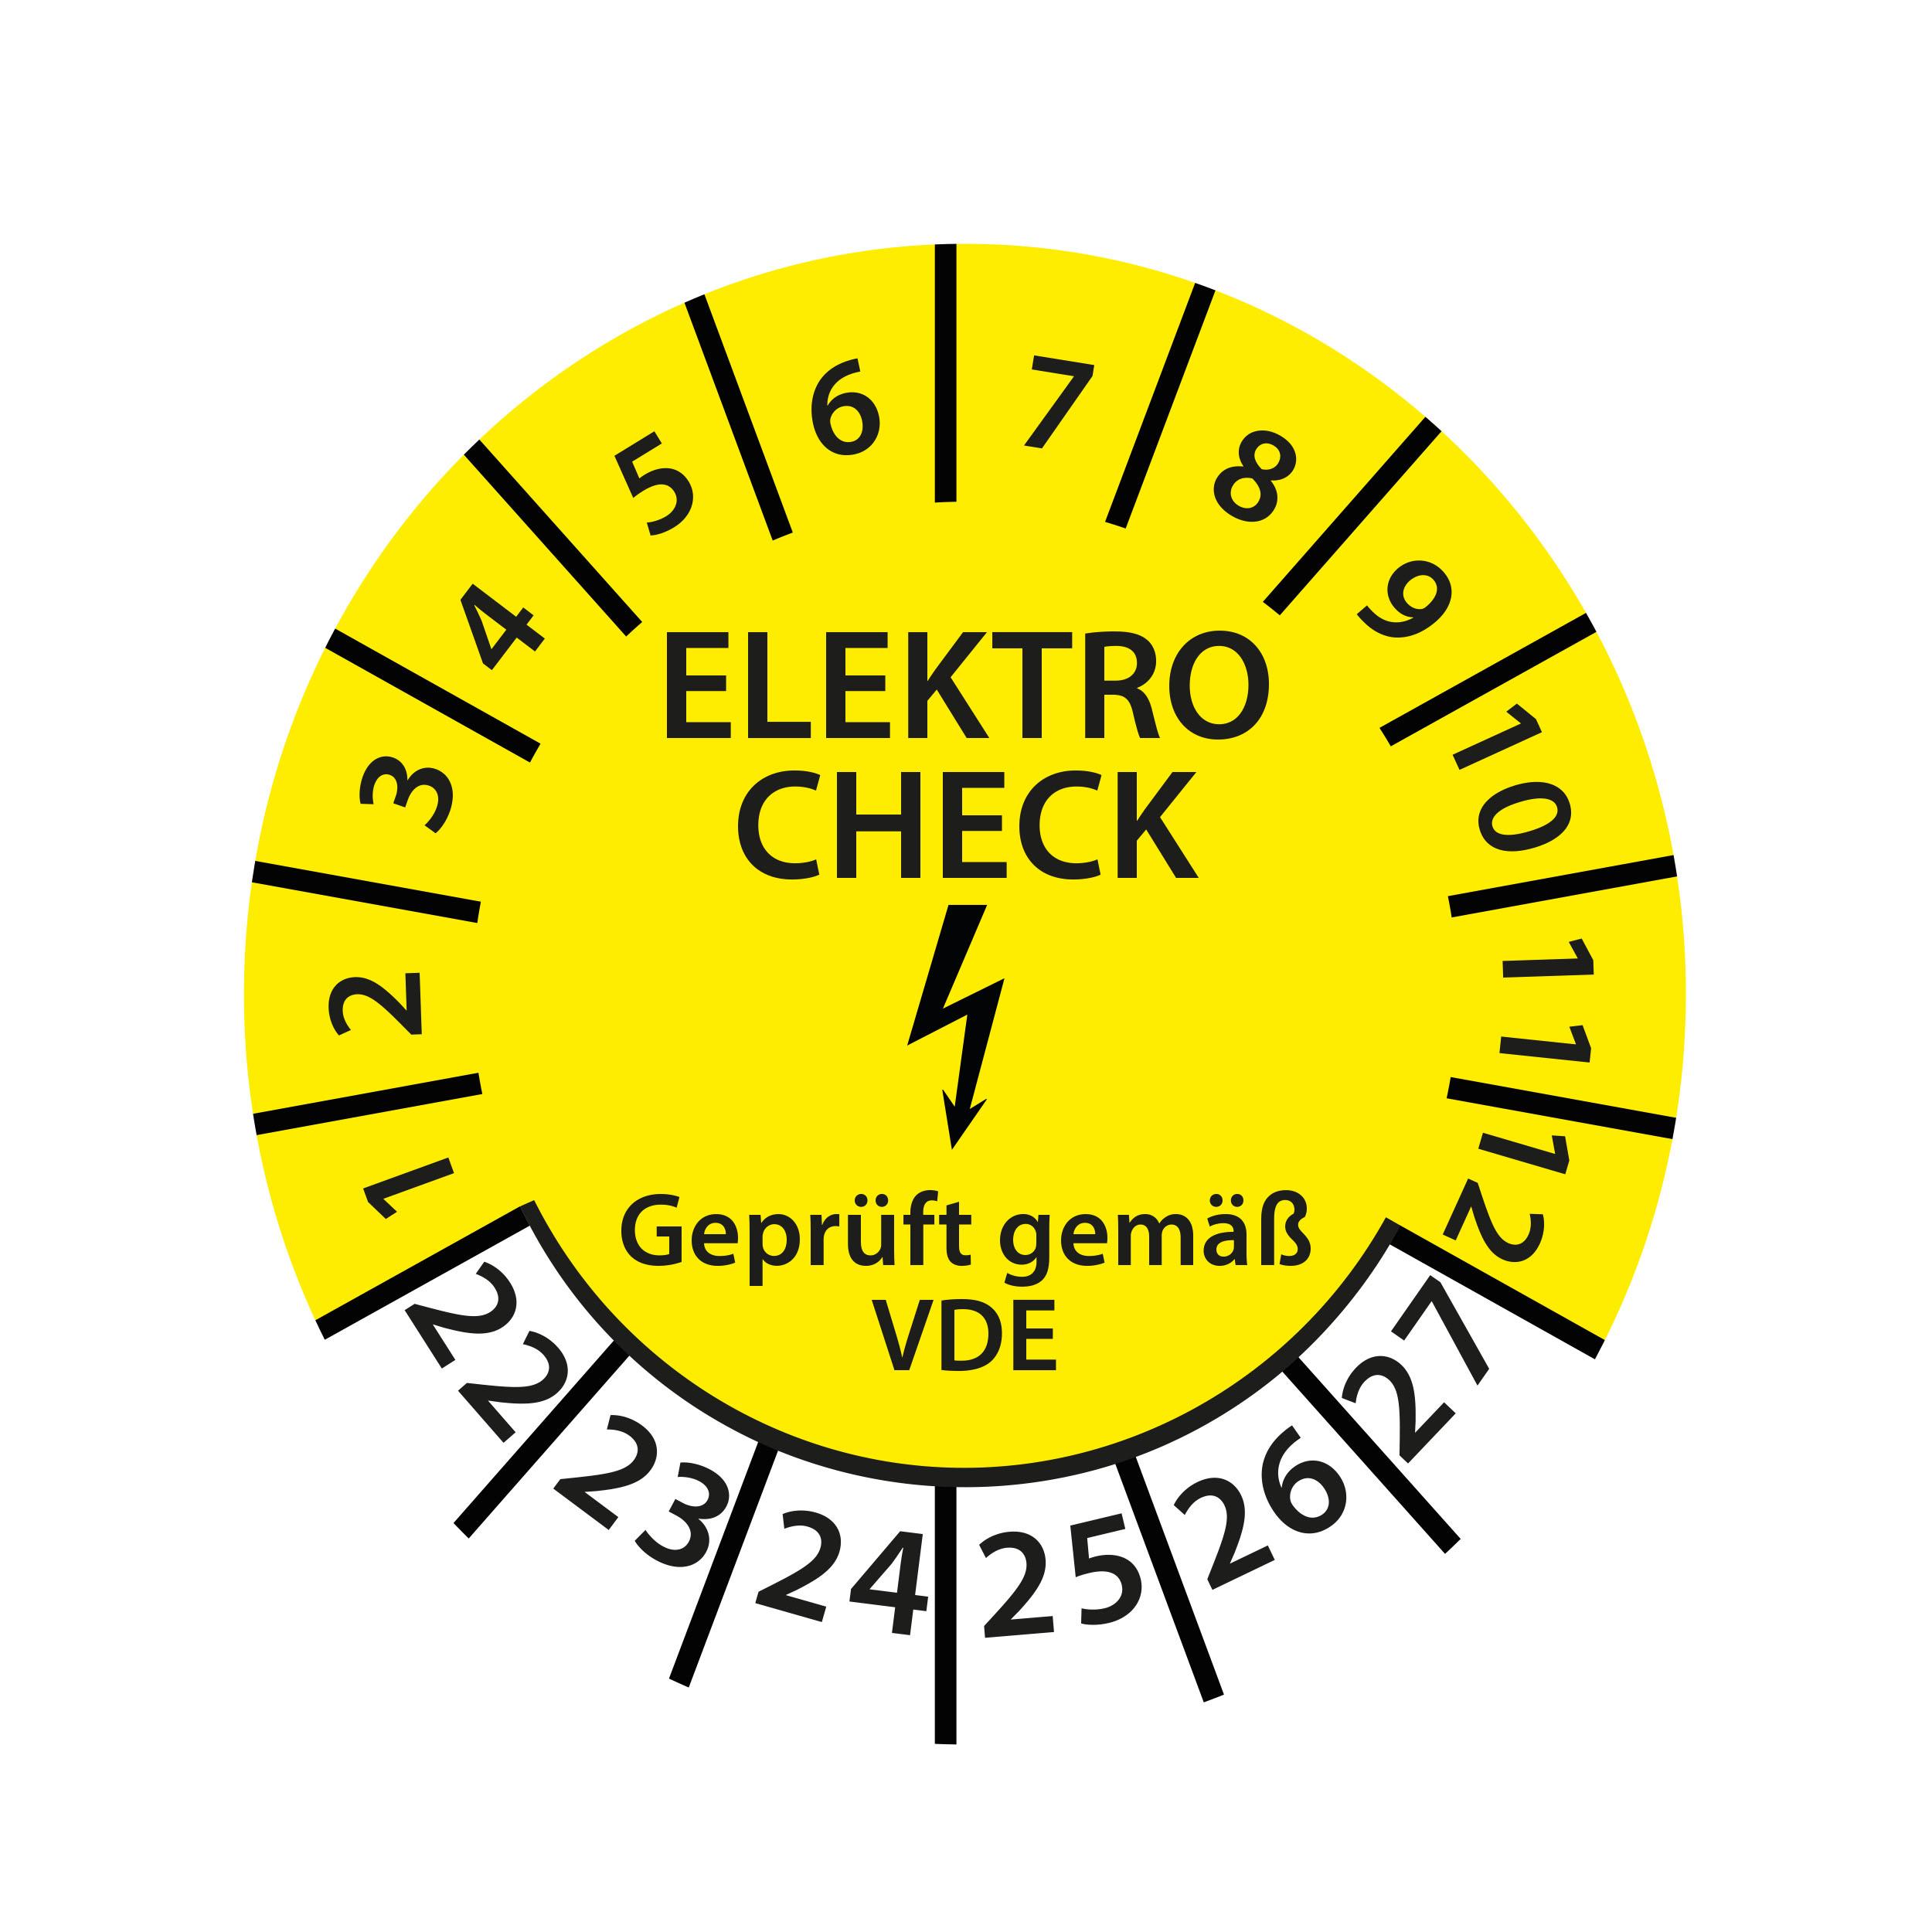 Prüfplakette E-Check Elektro Wartung STK MTK DGUV Vorschrift 3 Nächster Prüftermin geprüft gemäß VDE 2022-2027 Ø 30mm Rund Gelb